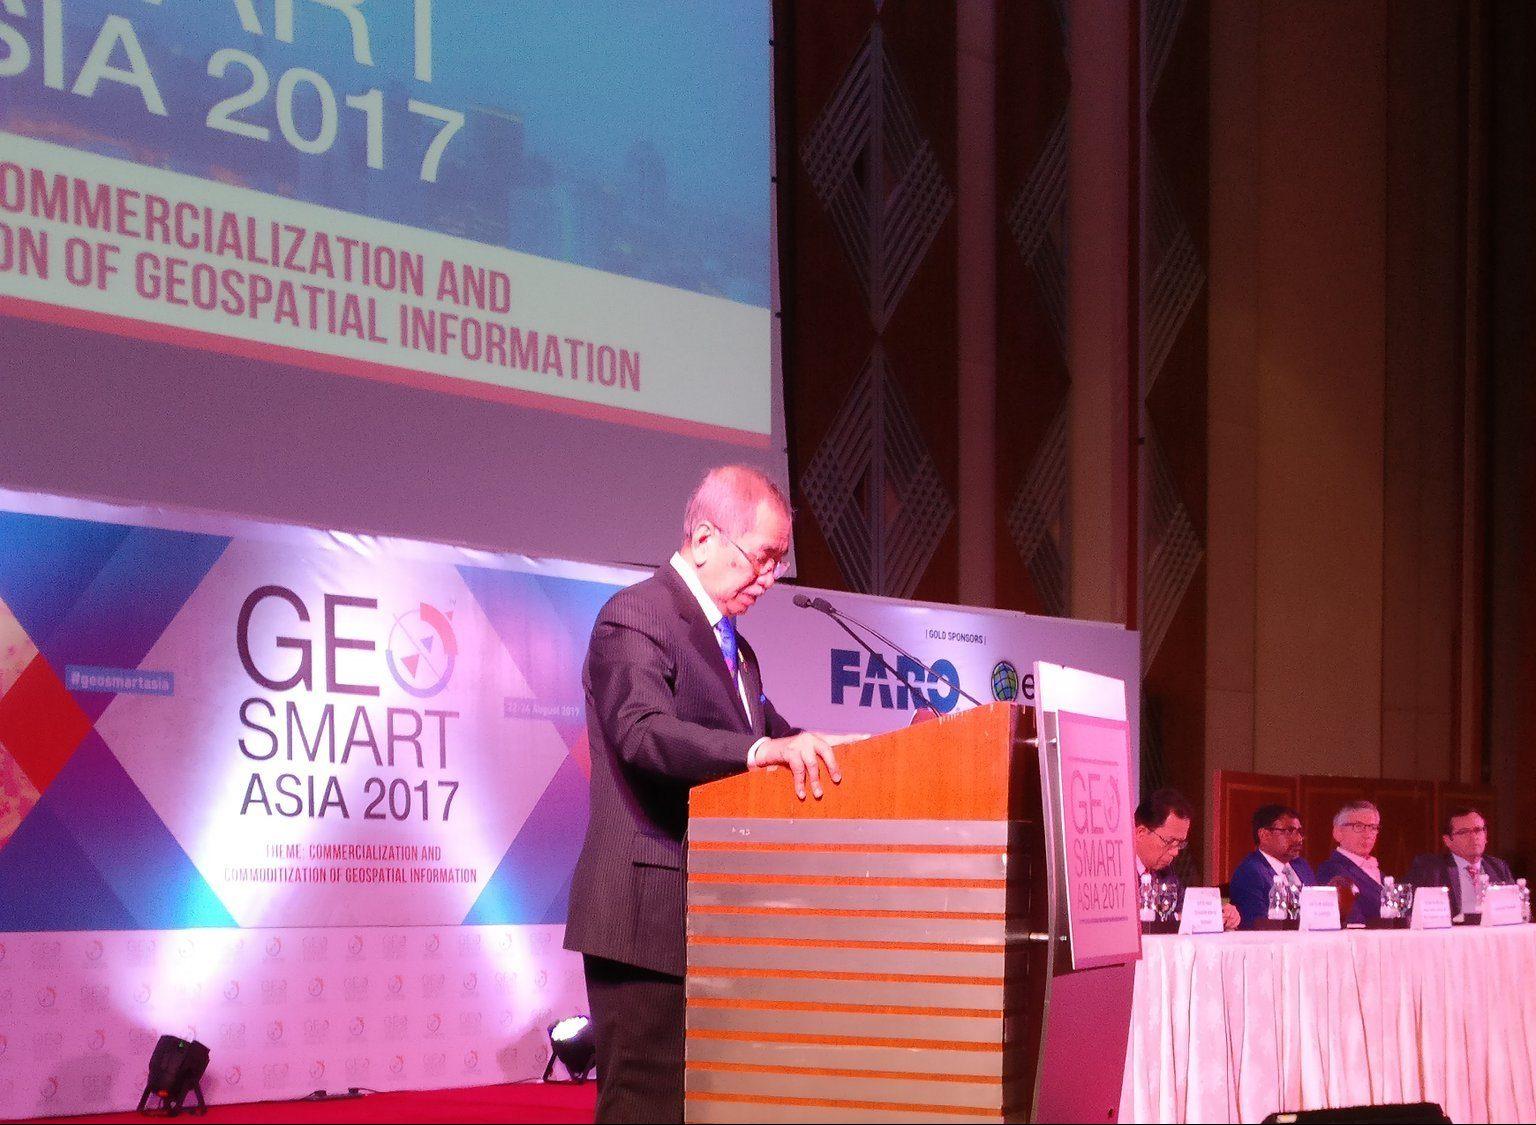 GeoSmart Asia 2017 kicks of in Malaysia